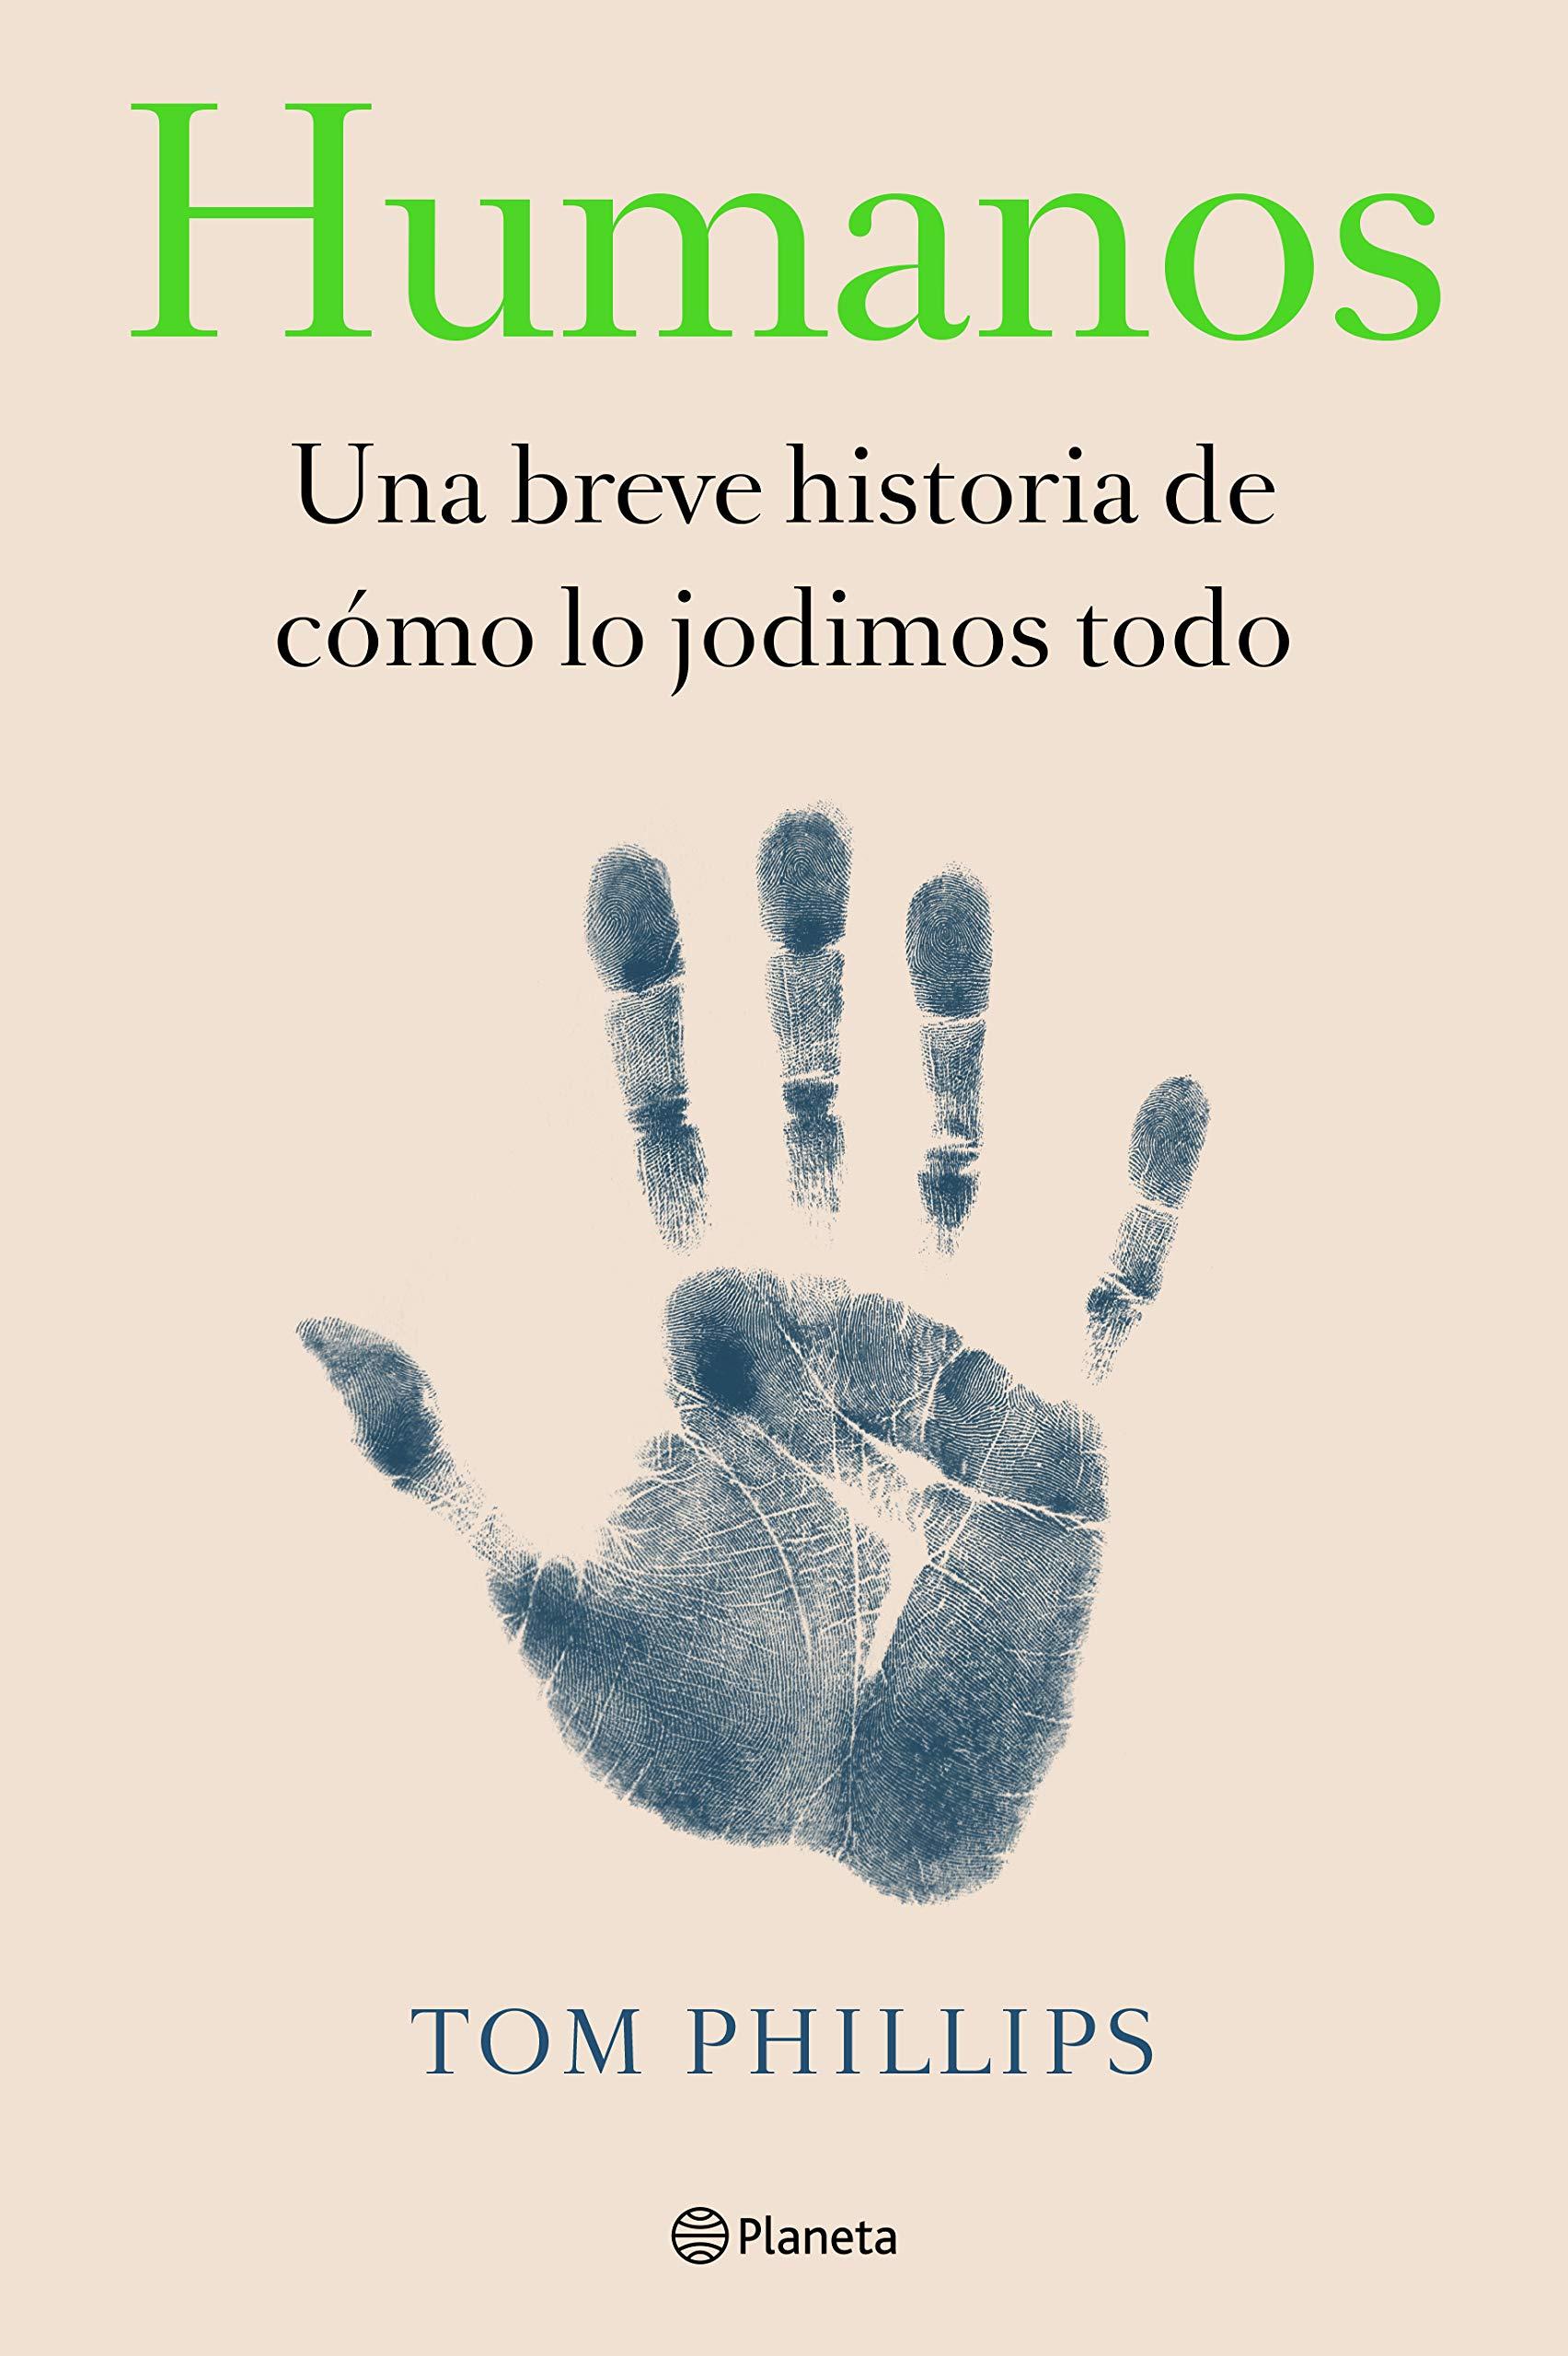 Humanos / Humans: Una breve historia de cómo lo jodimos todo / A Brief History of How We F*cked It All Up: Amazon.es: Phillips, Tom: Libros